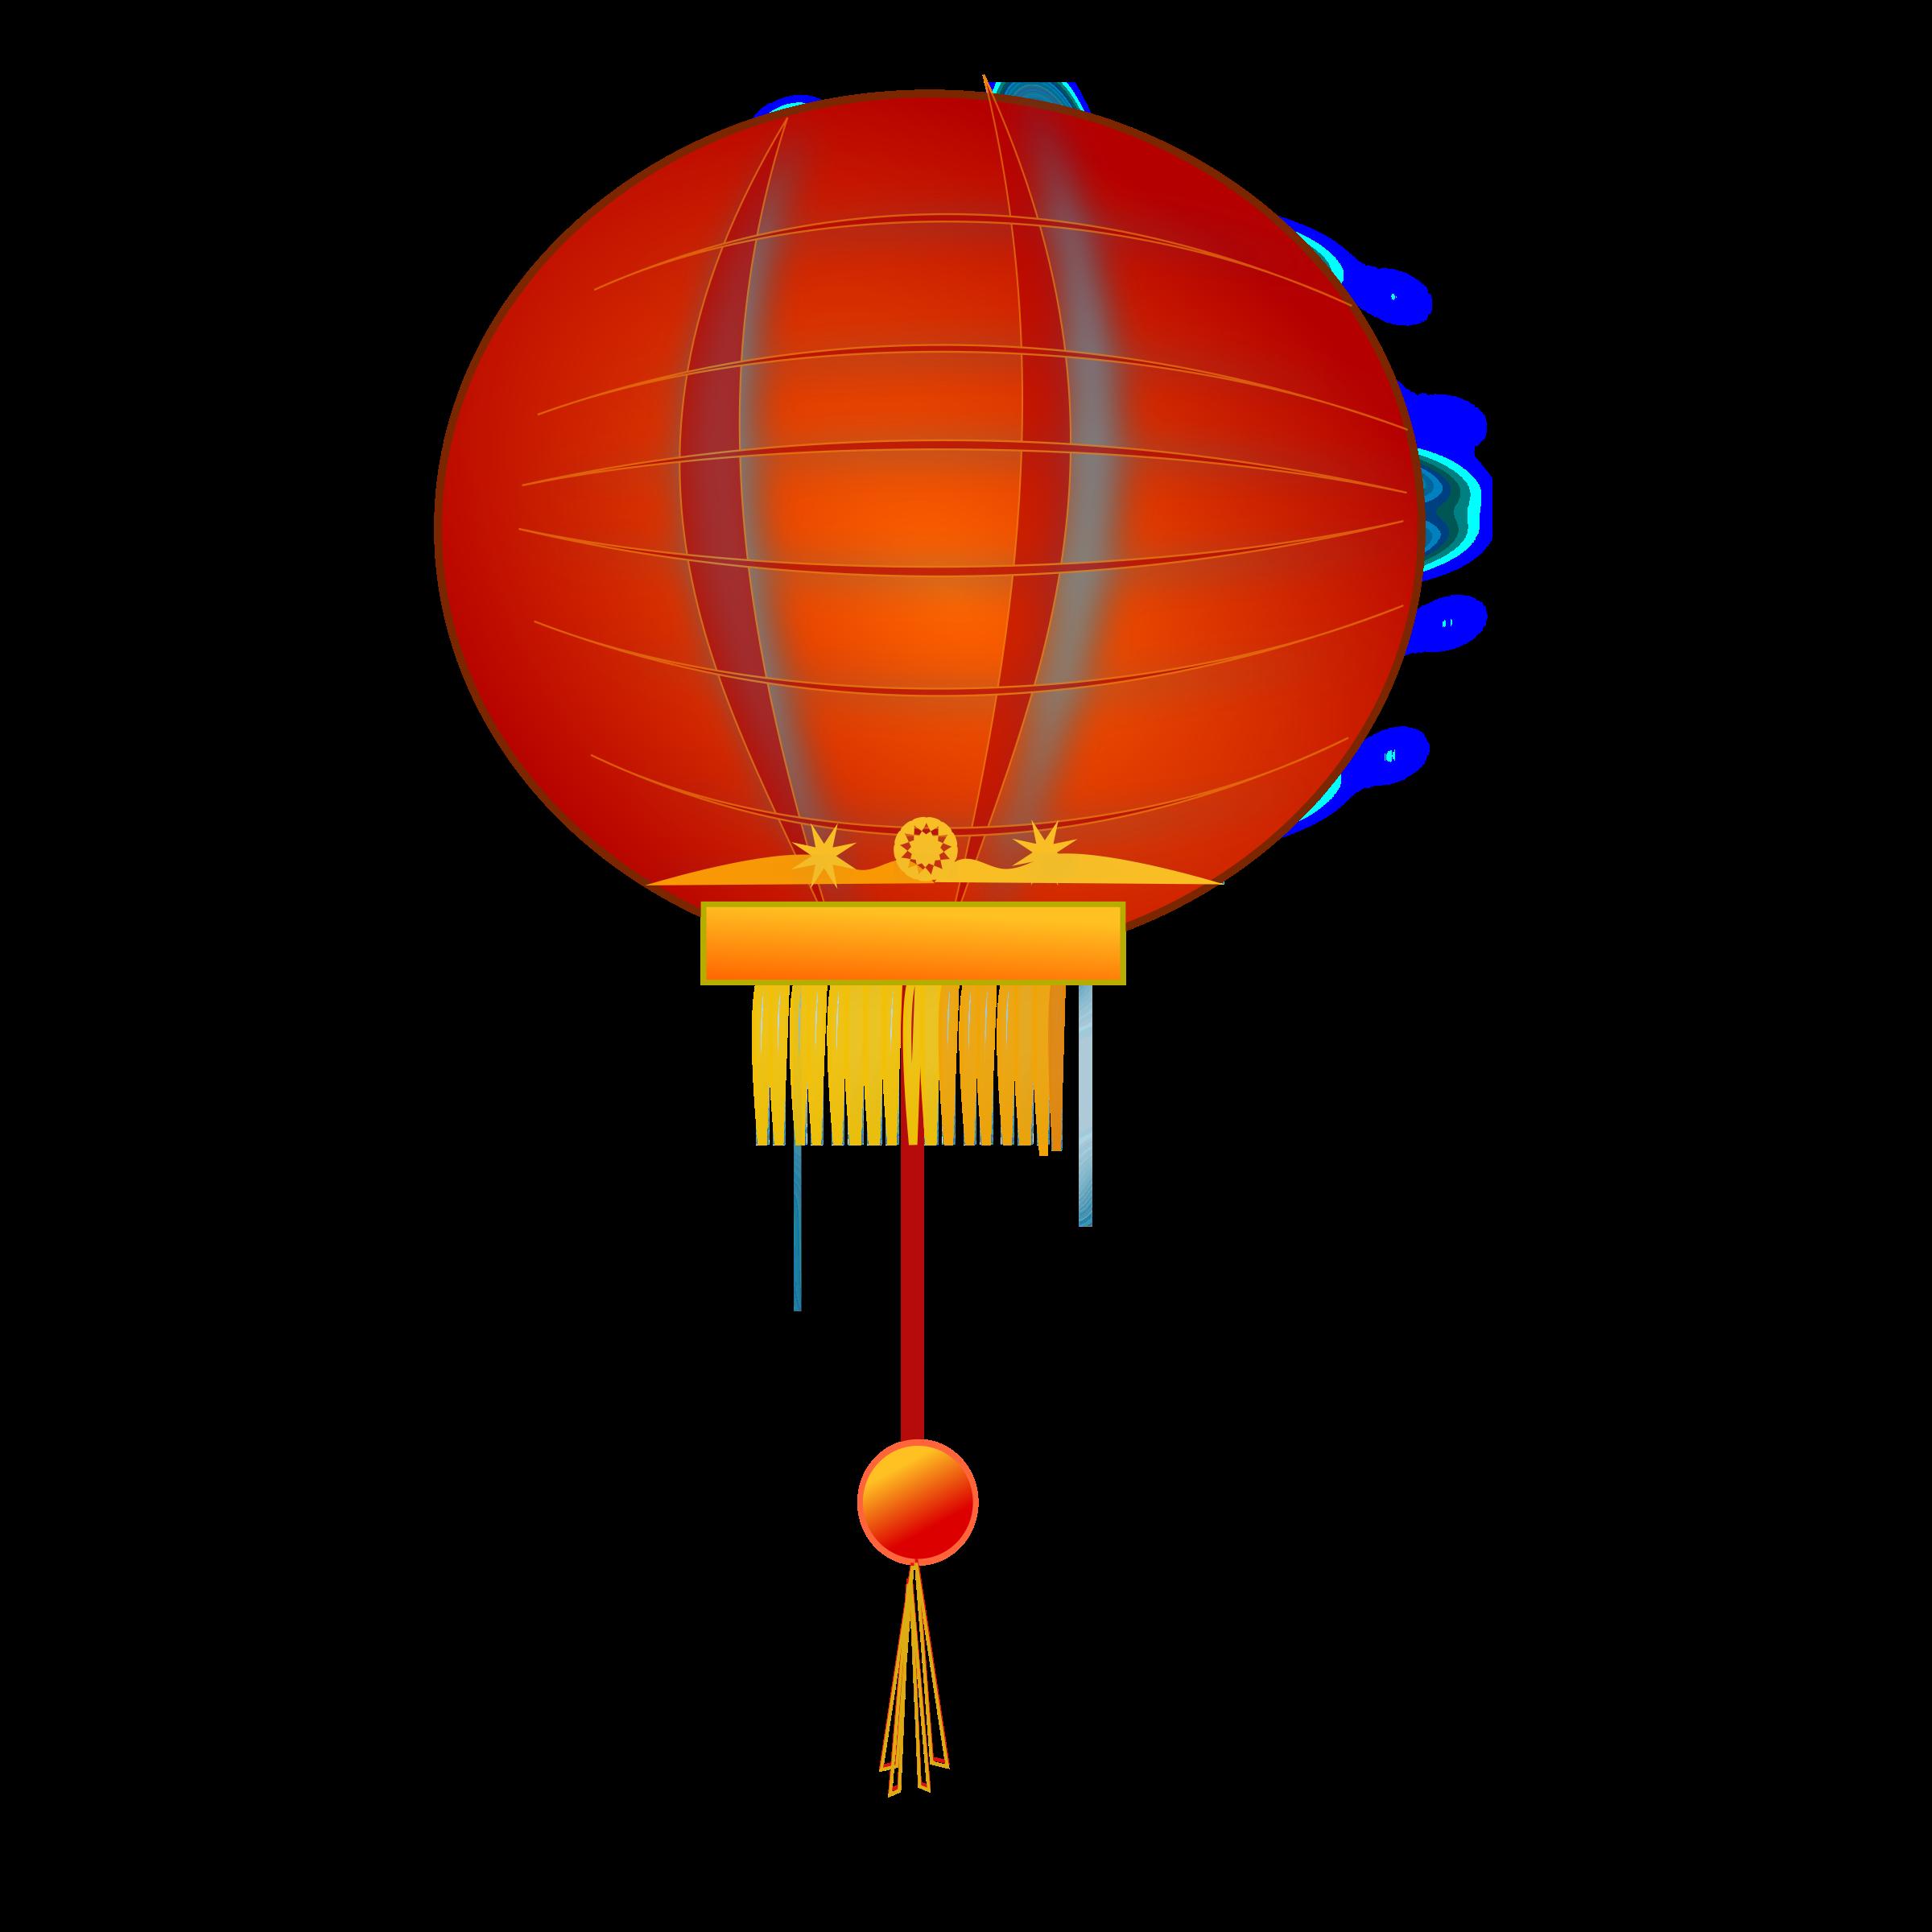 2400x2400 Lamps Clipart Diwali Lantern